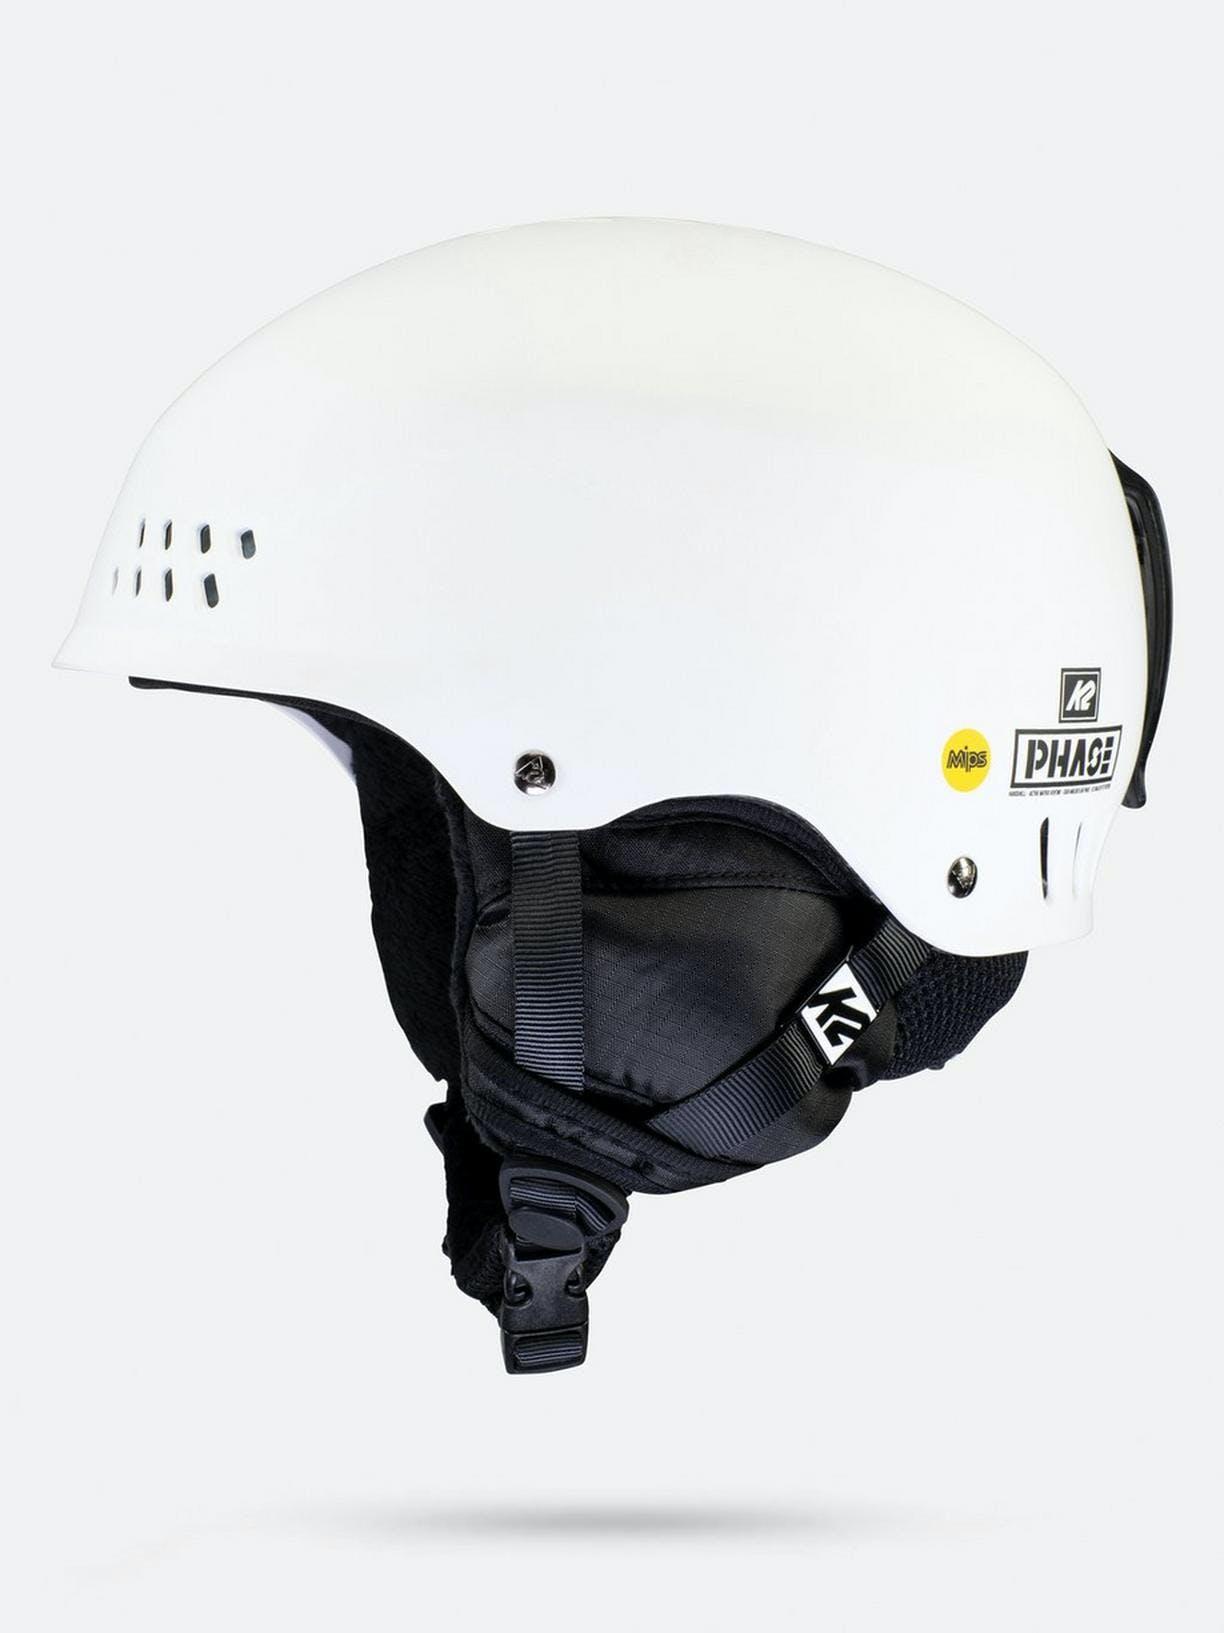 K2 Phase MIPS Helmet · 2021